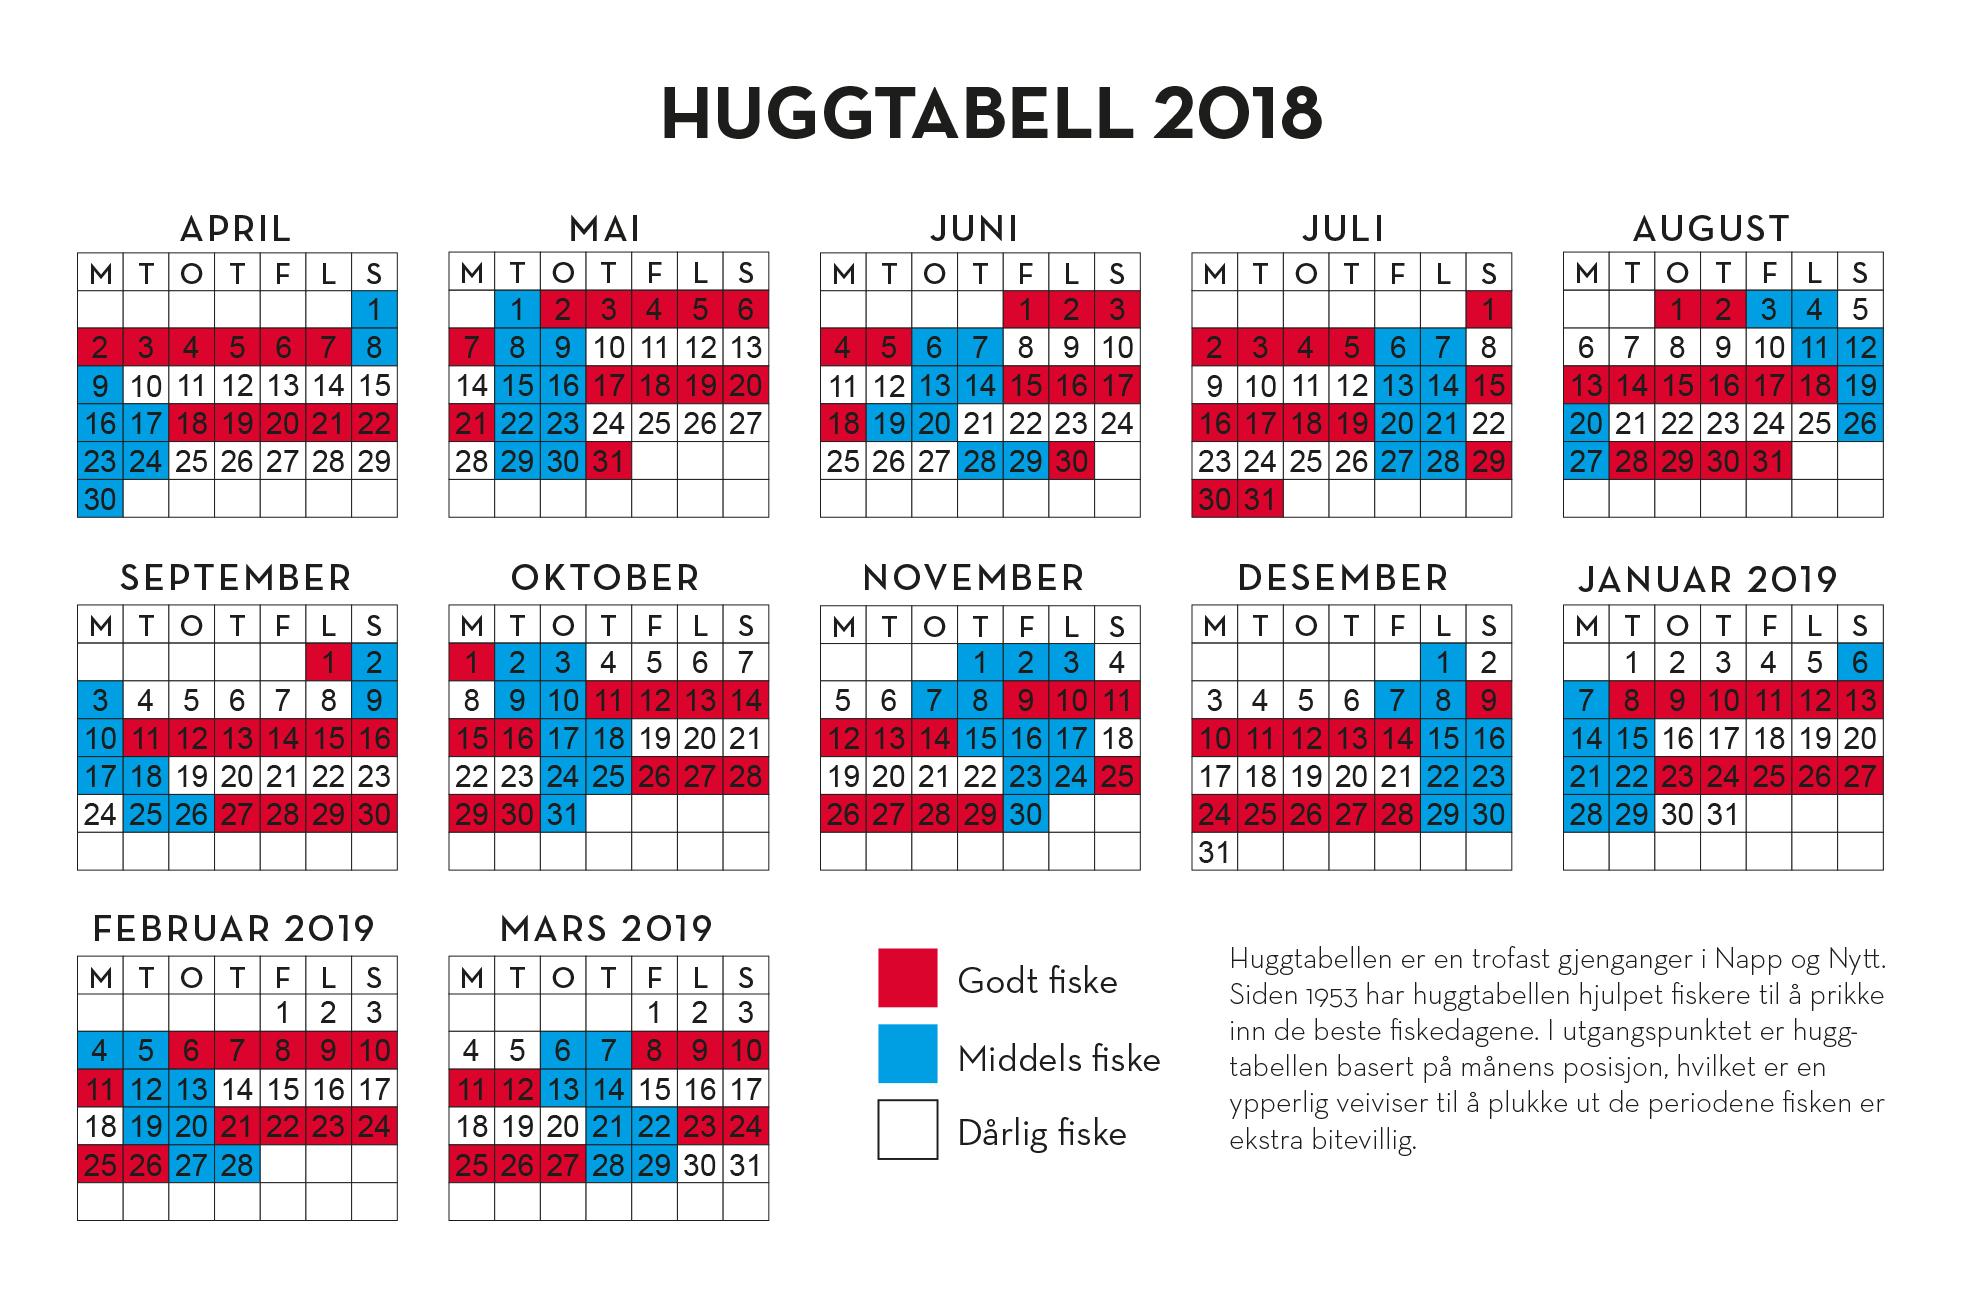 Huggtabell Norge 2018